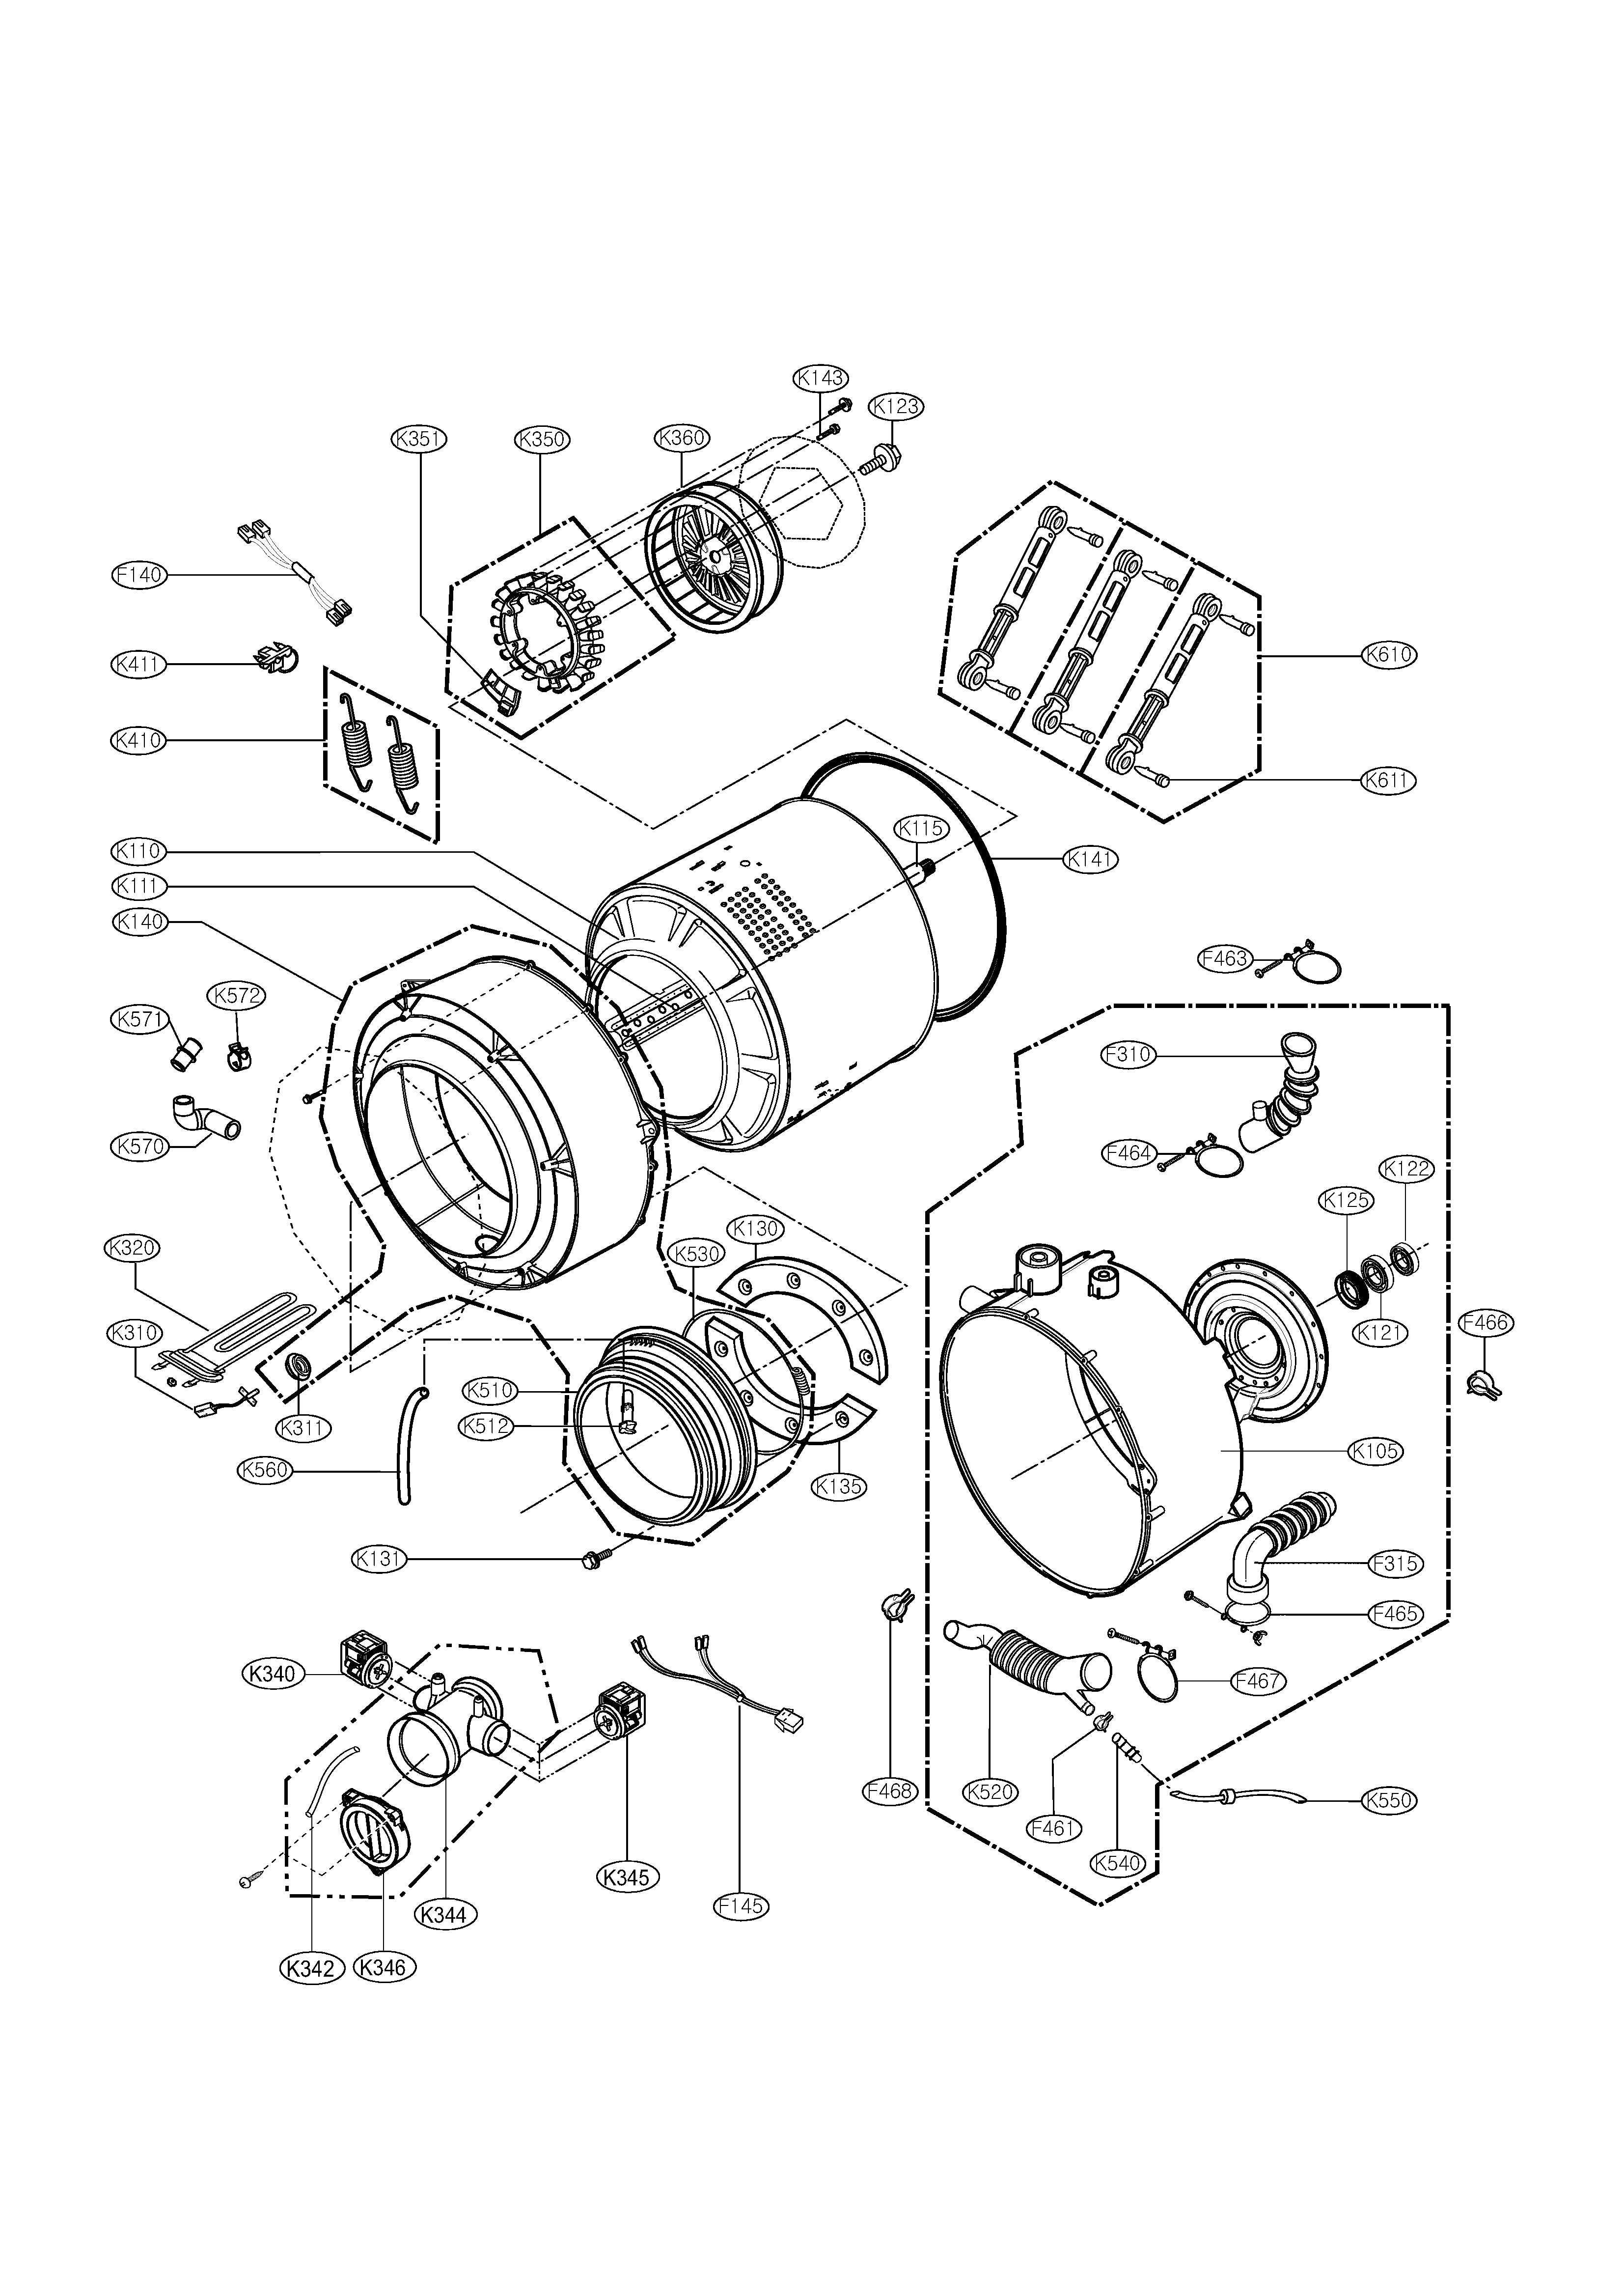 Lgdrivemotordiagram on Lg Washing Machine Parts Diagram